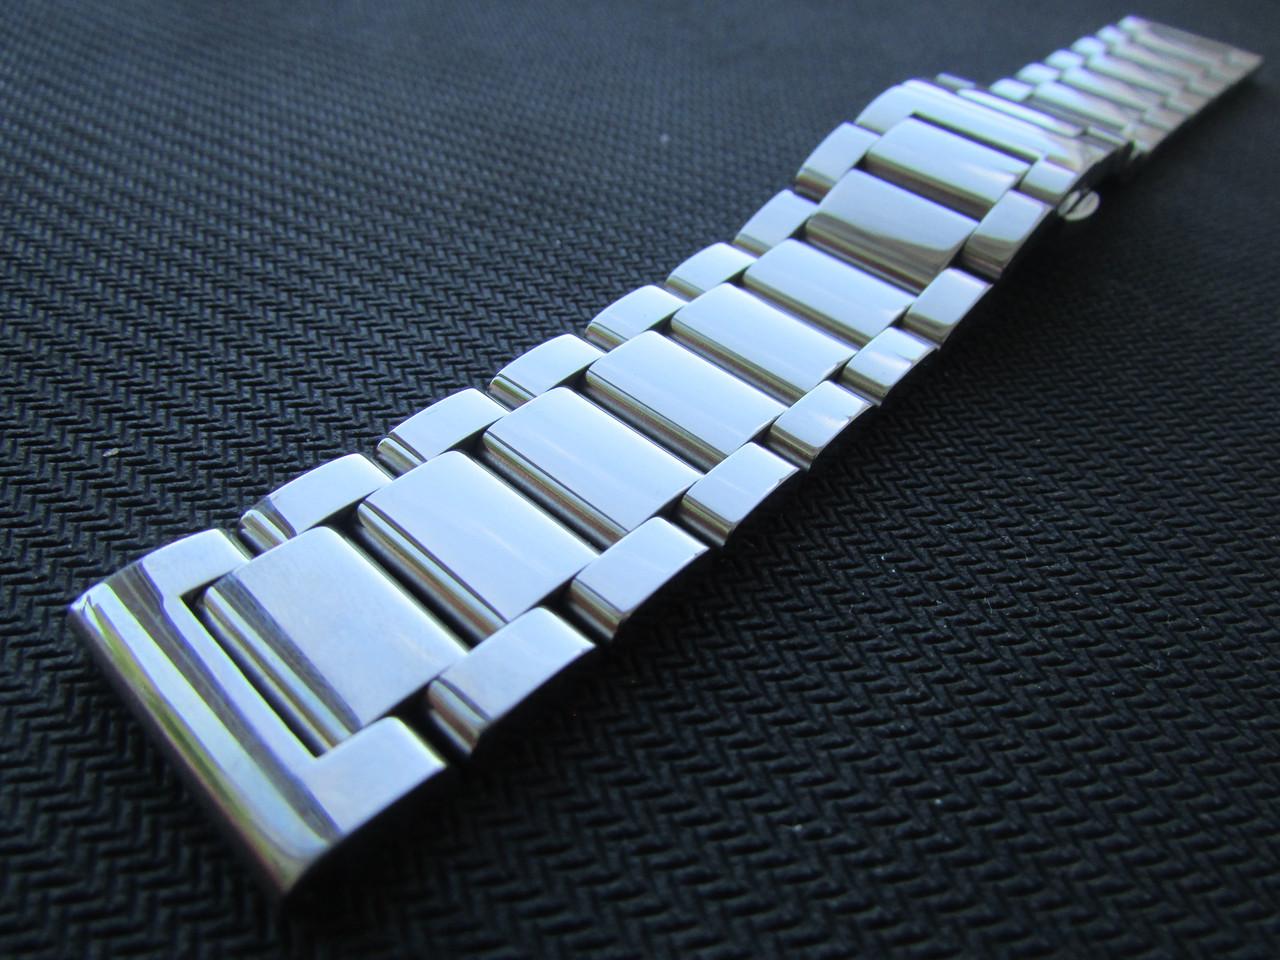 Браслет для часов из нержавеющей ювелирной стали 316L, литой, глянец. 21 мм